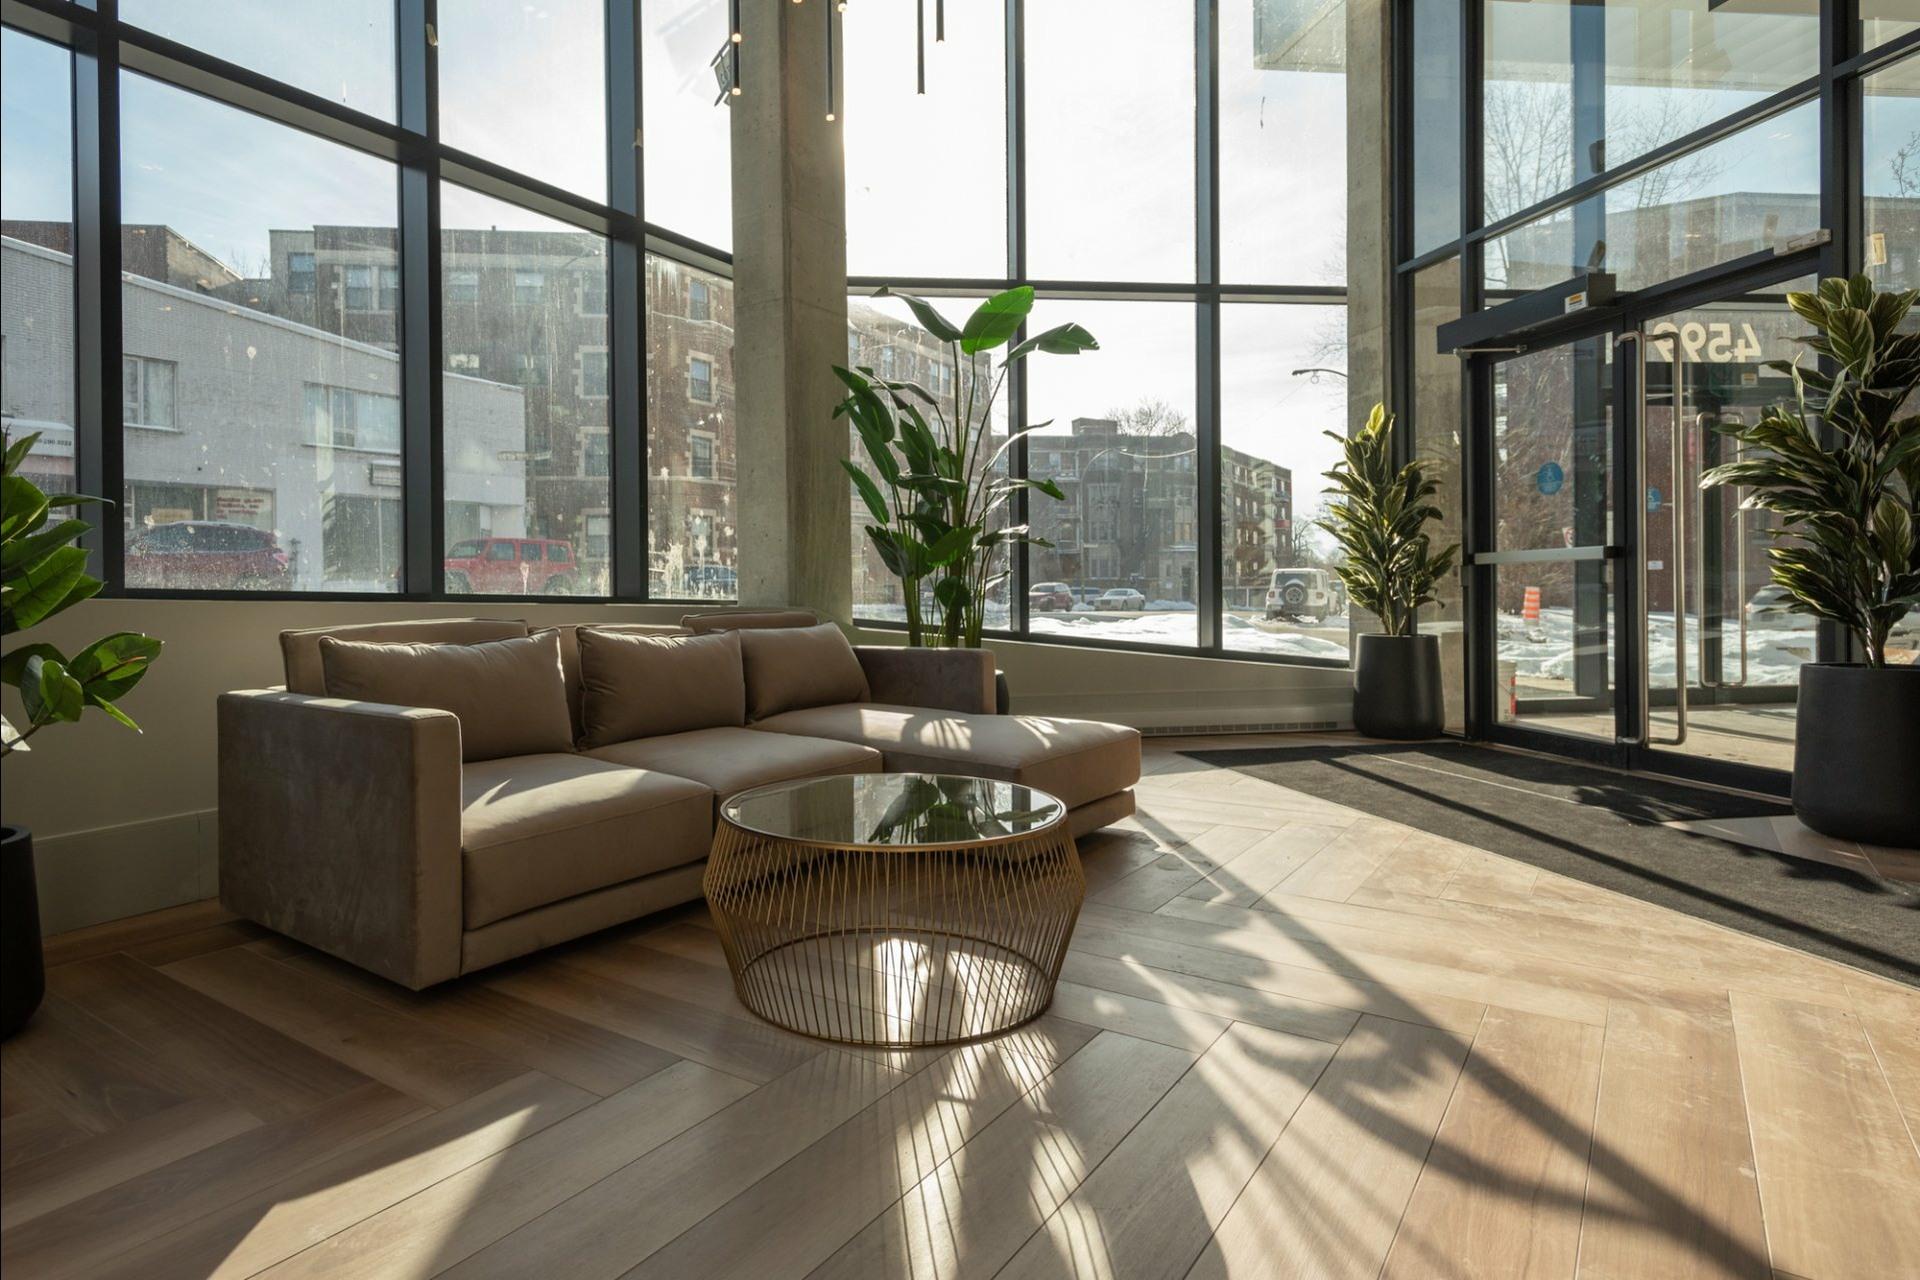 image 33 - Appartement À louer Côte-des-Neiges/Notre-Dame-de-Grâce Montréal  - 5 pièces